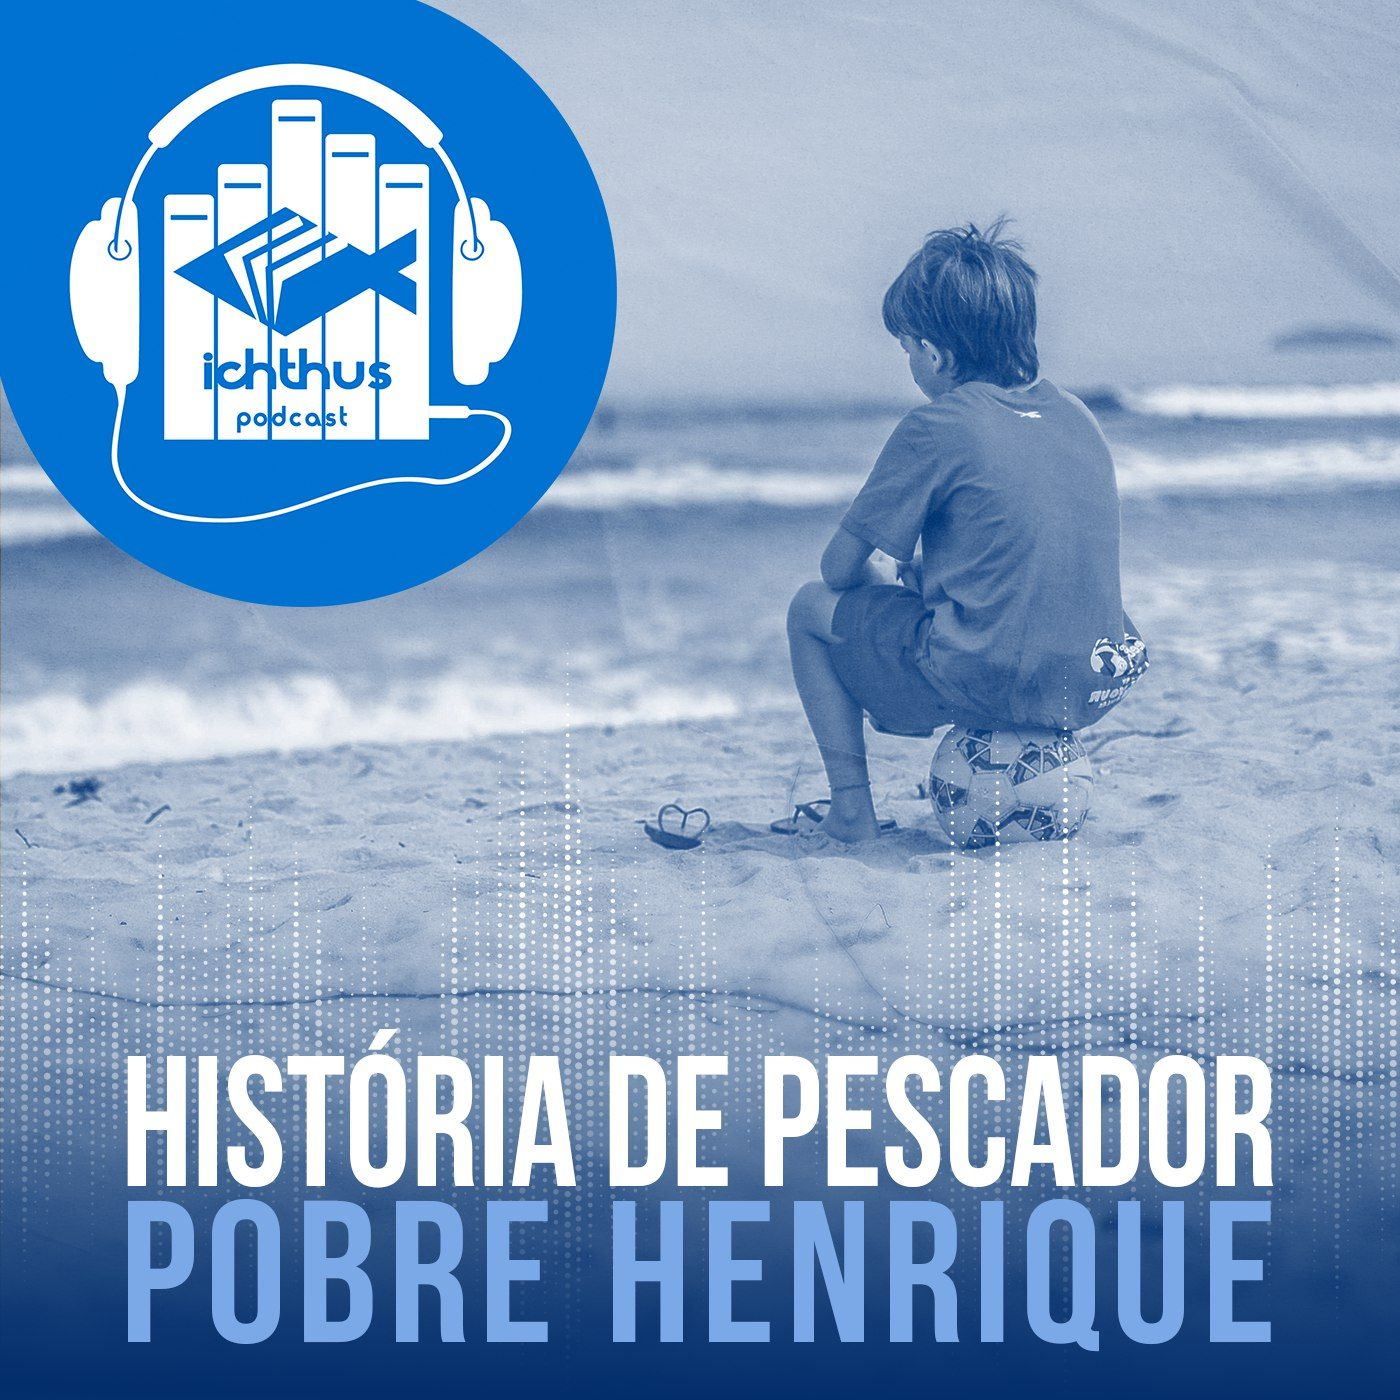 Pobre Henrique | História de pescador